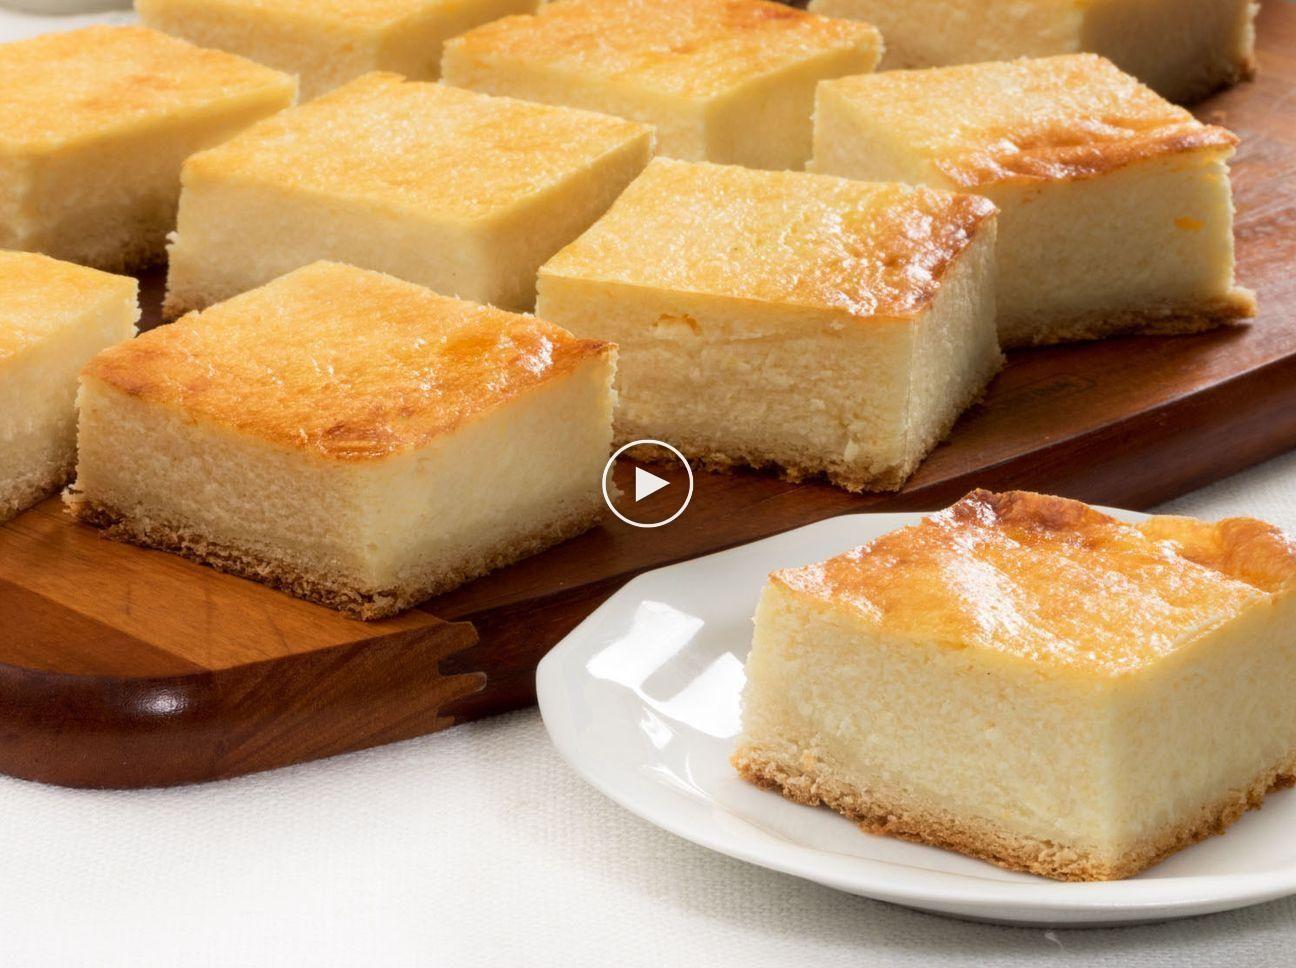 Photo of Pastel de leche caliente: esta es la receta de pastel más popular en Pinterest freundin.de